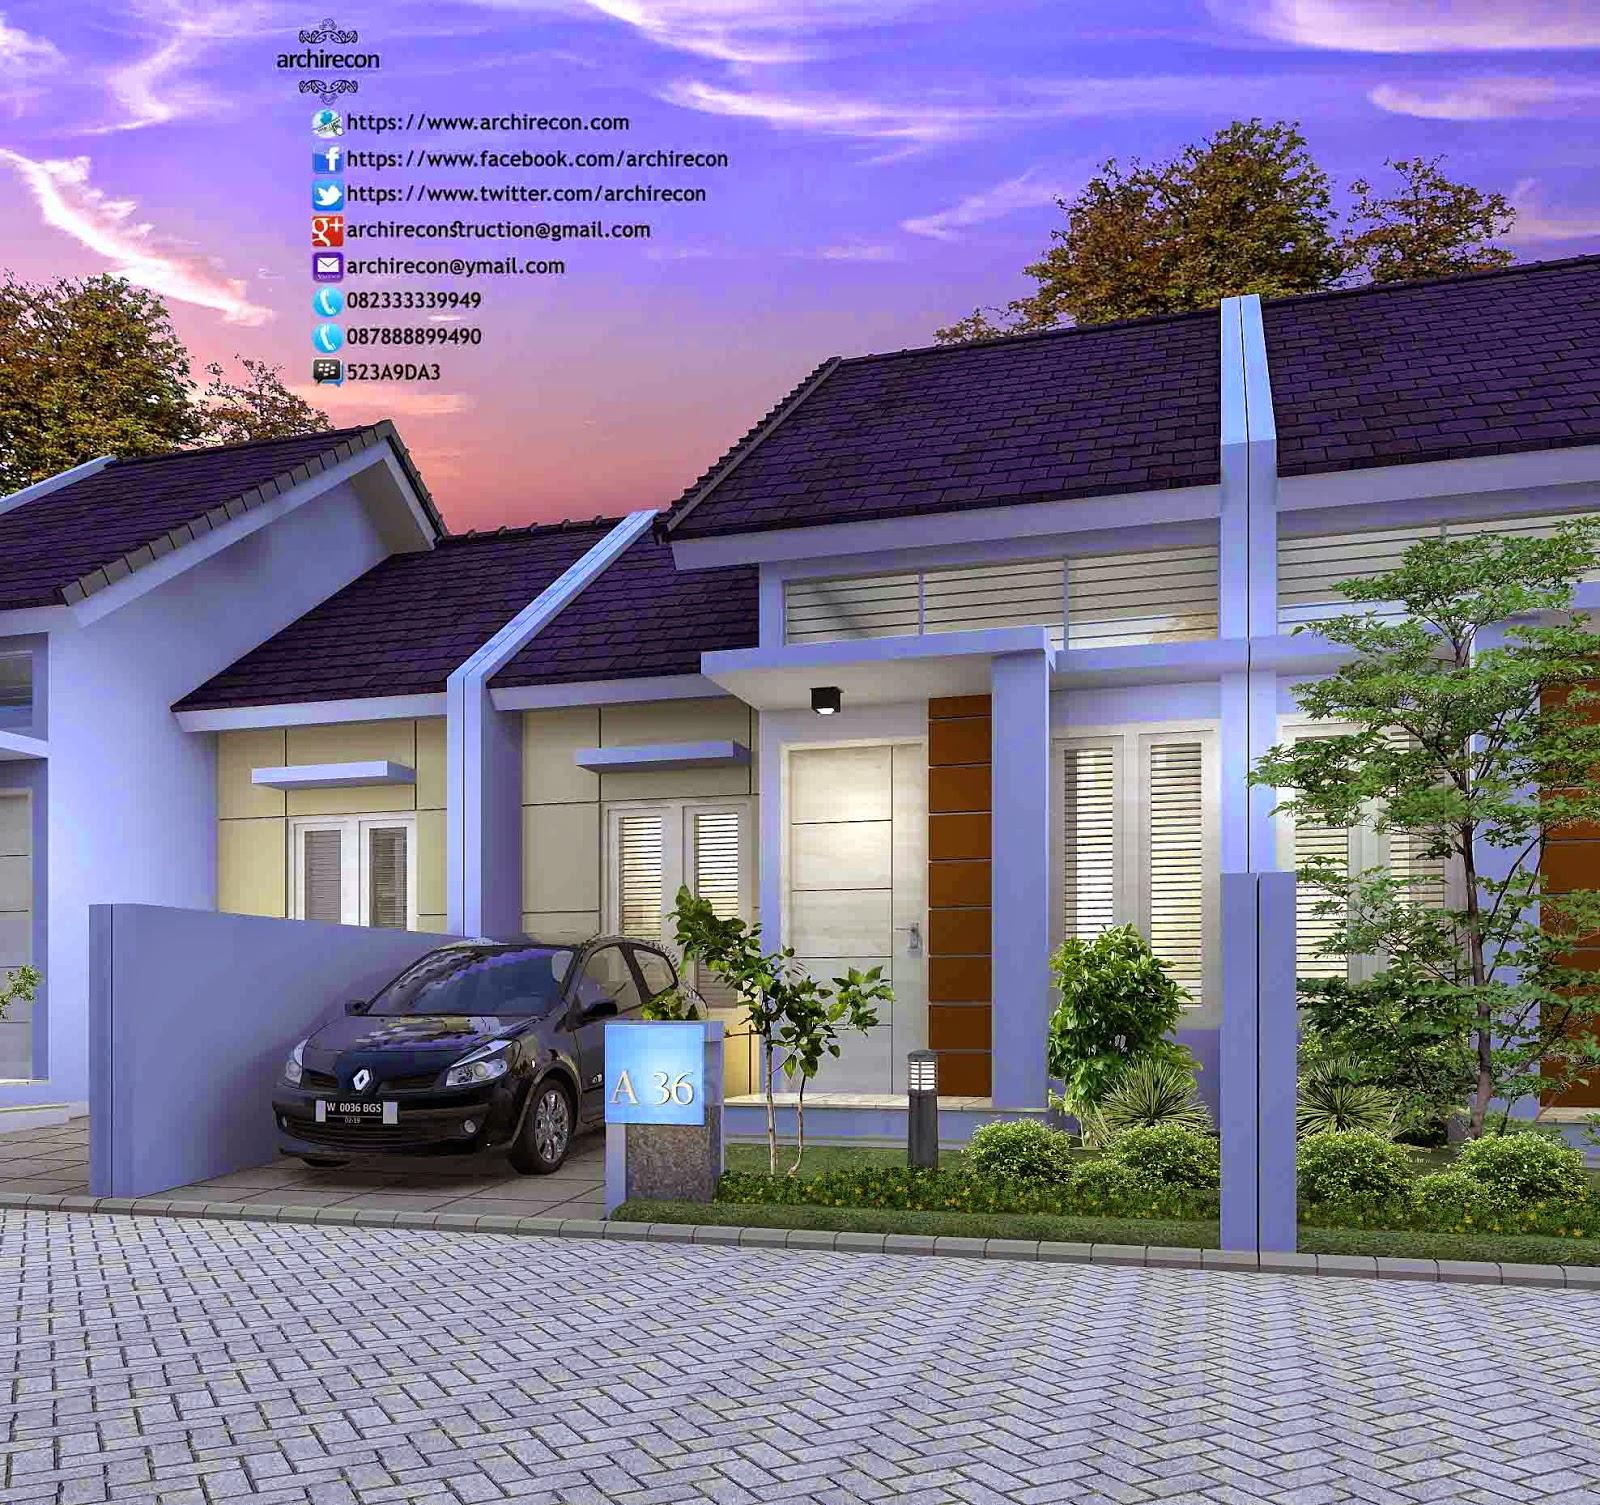 Hasil Jasa Desain Rumah Minimalis - Perumahan Green Land Villa - View Type 36